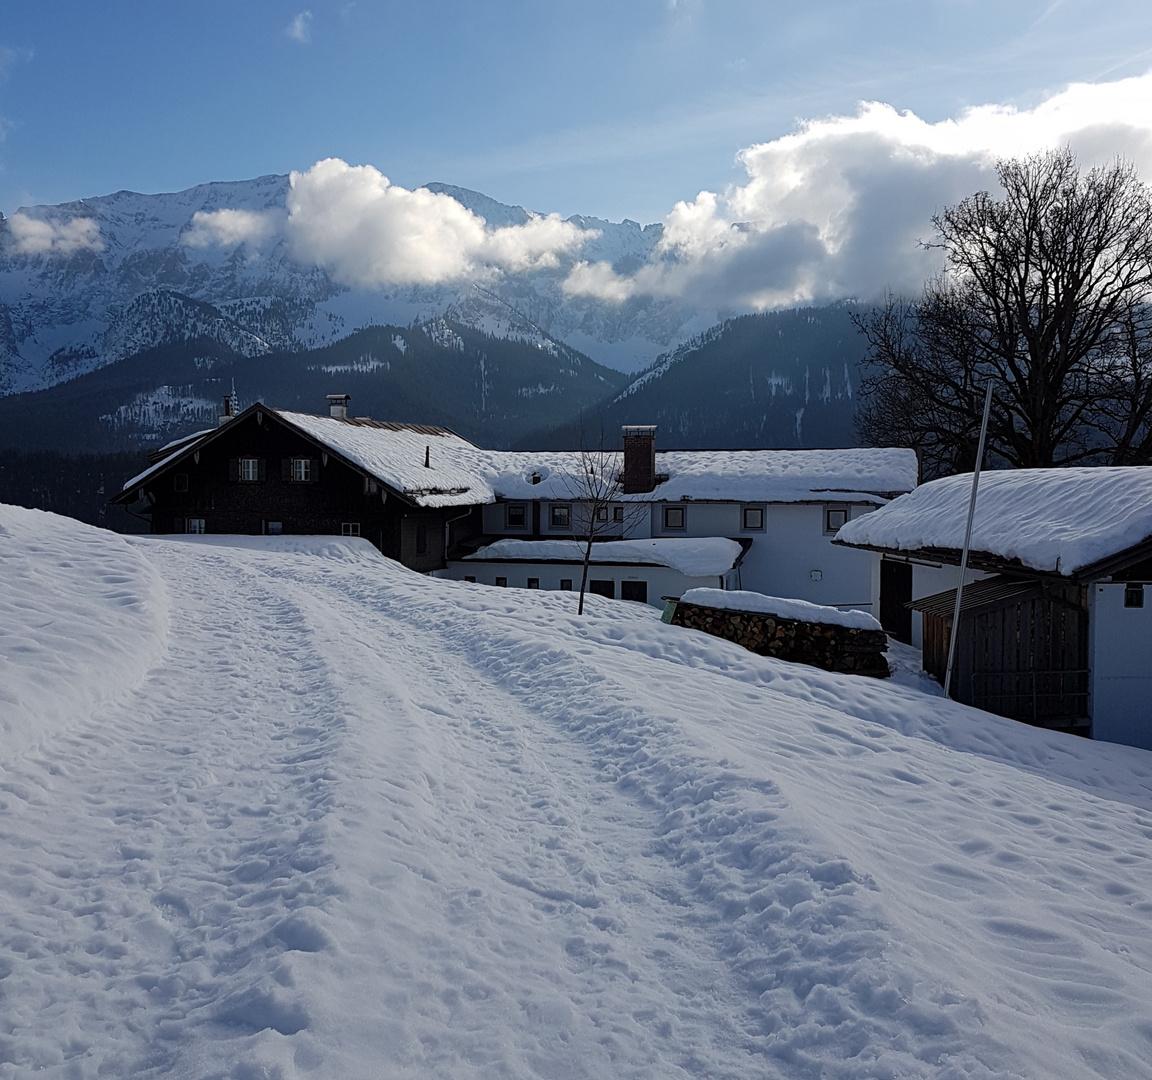 Altschnee